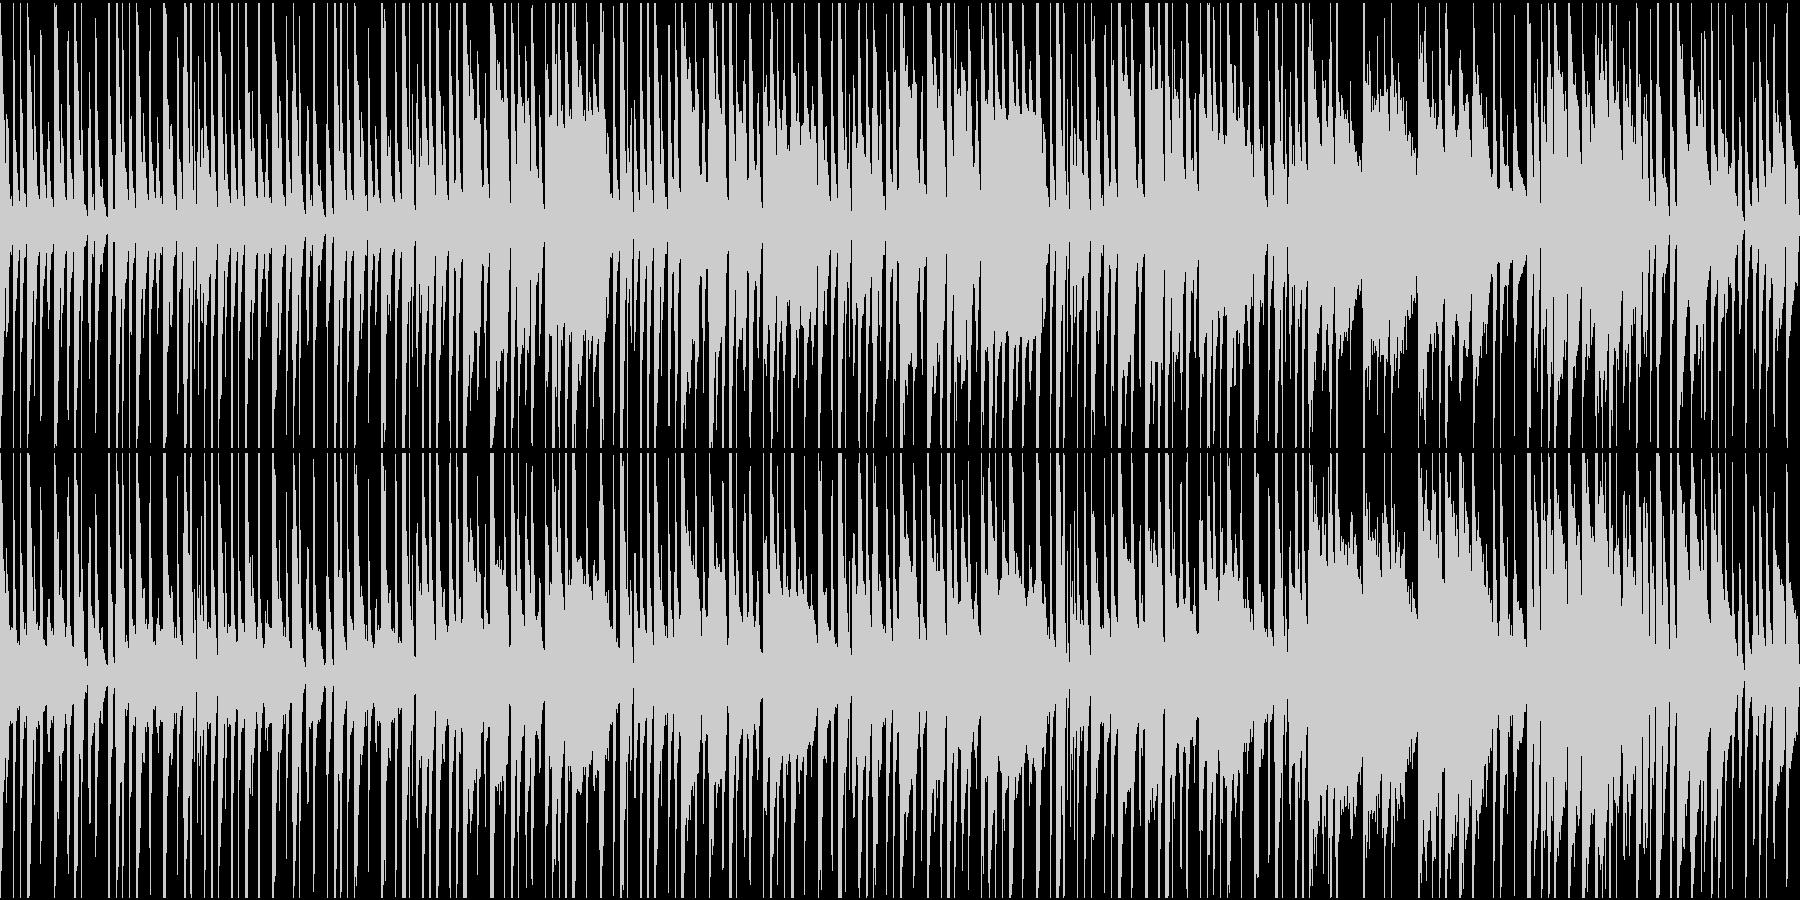 日常系アニメのほのぼのした一幕の未再生の波形